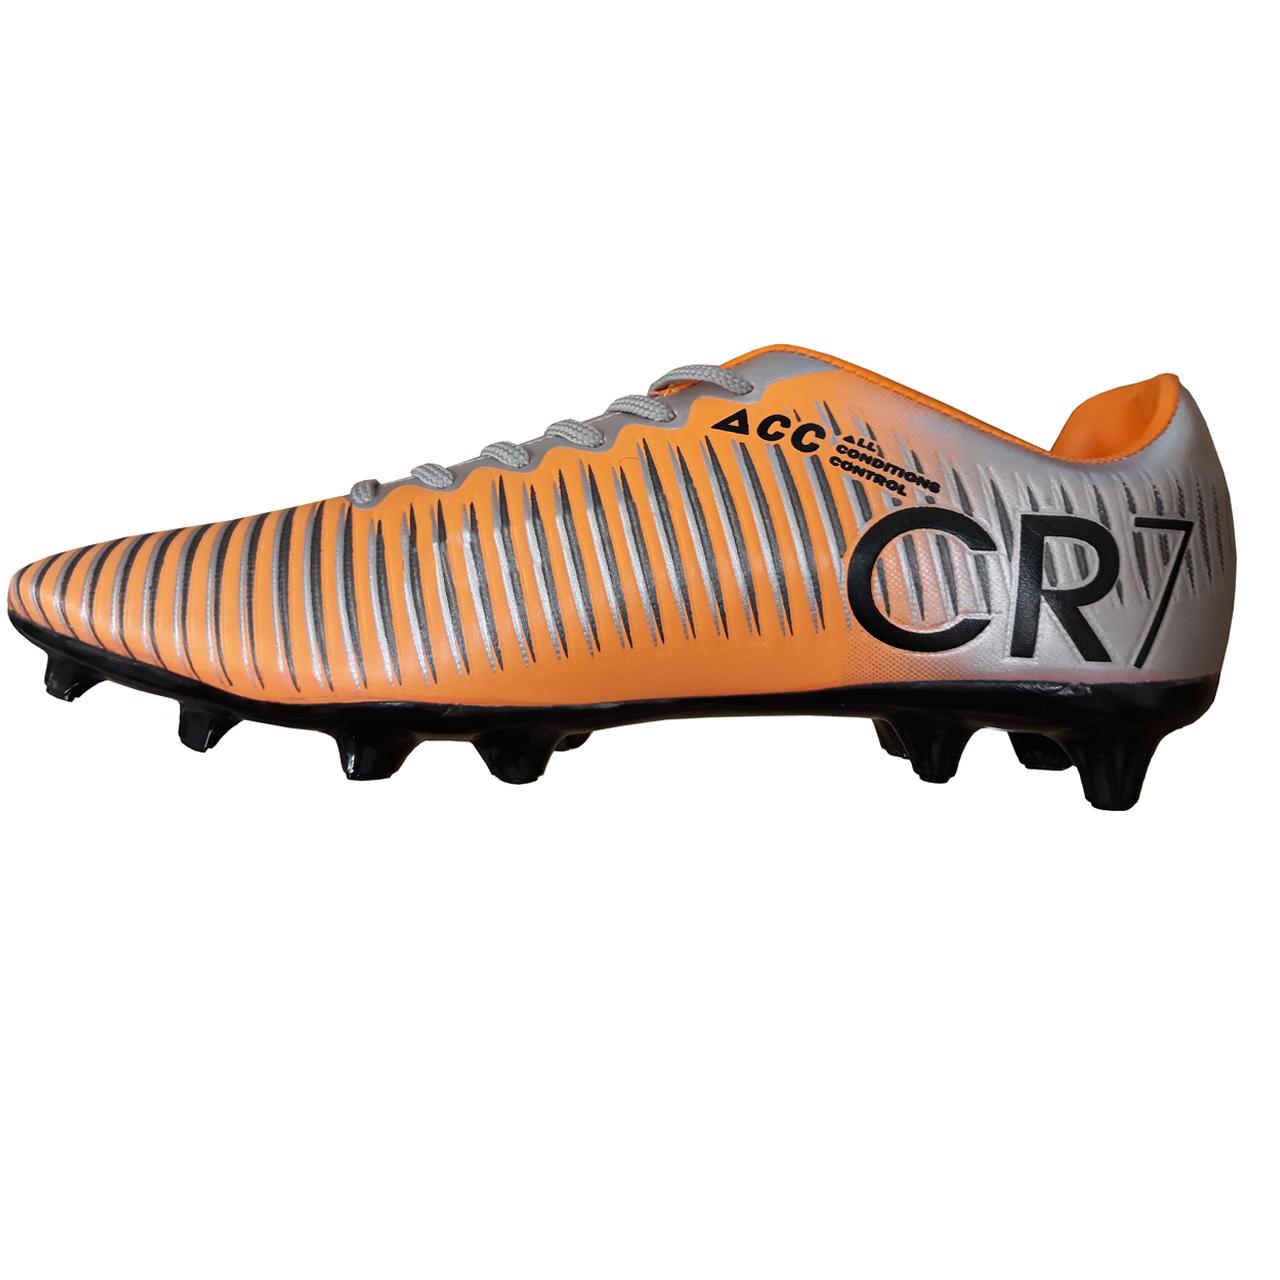 قیمت کفش فوتبال مردانه مدل cr7 3